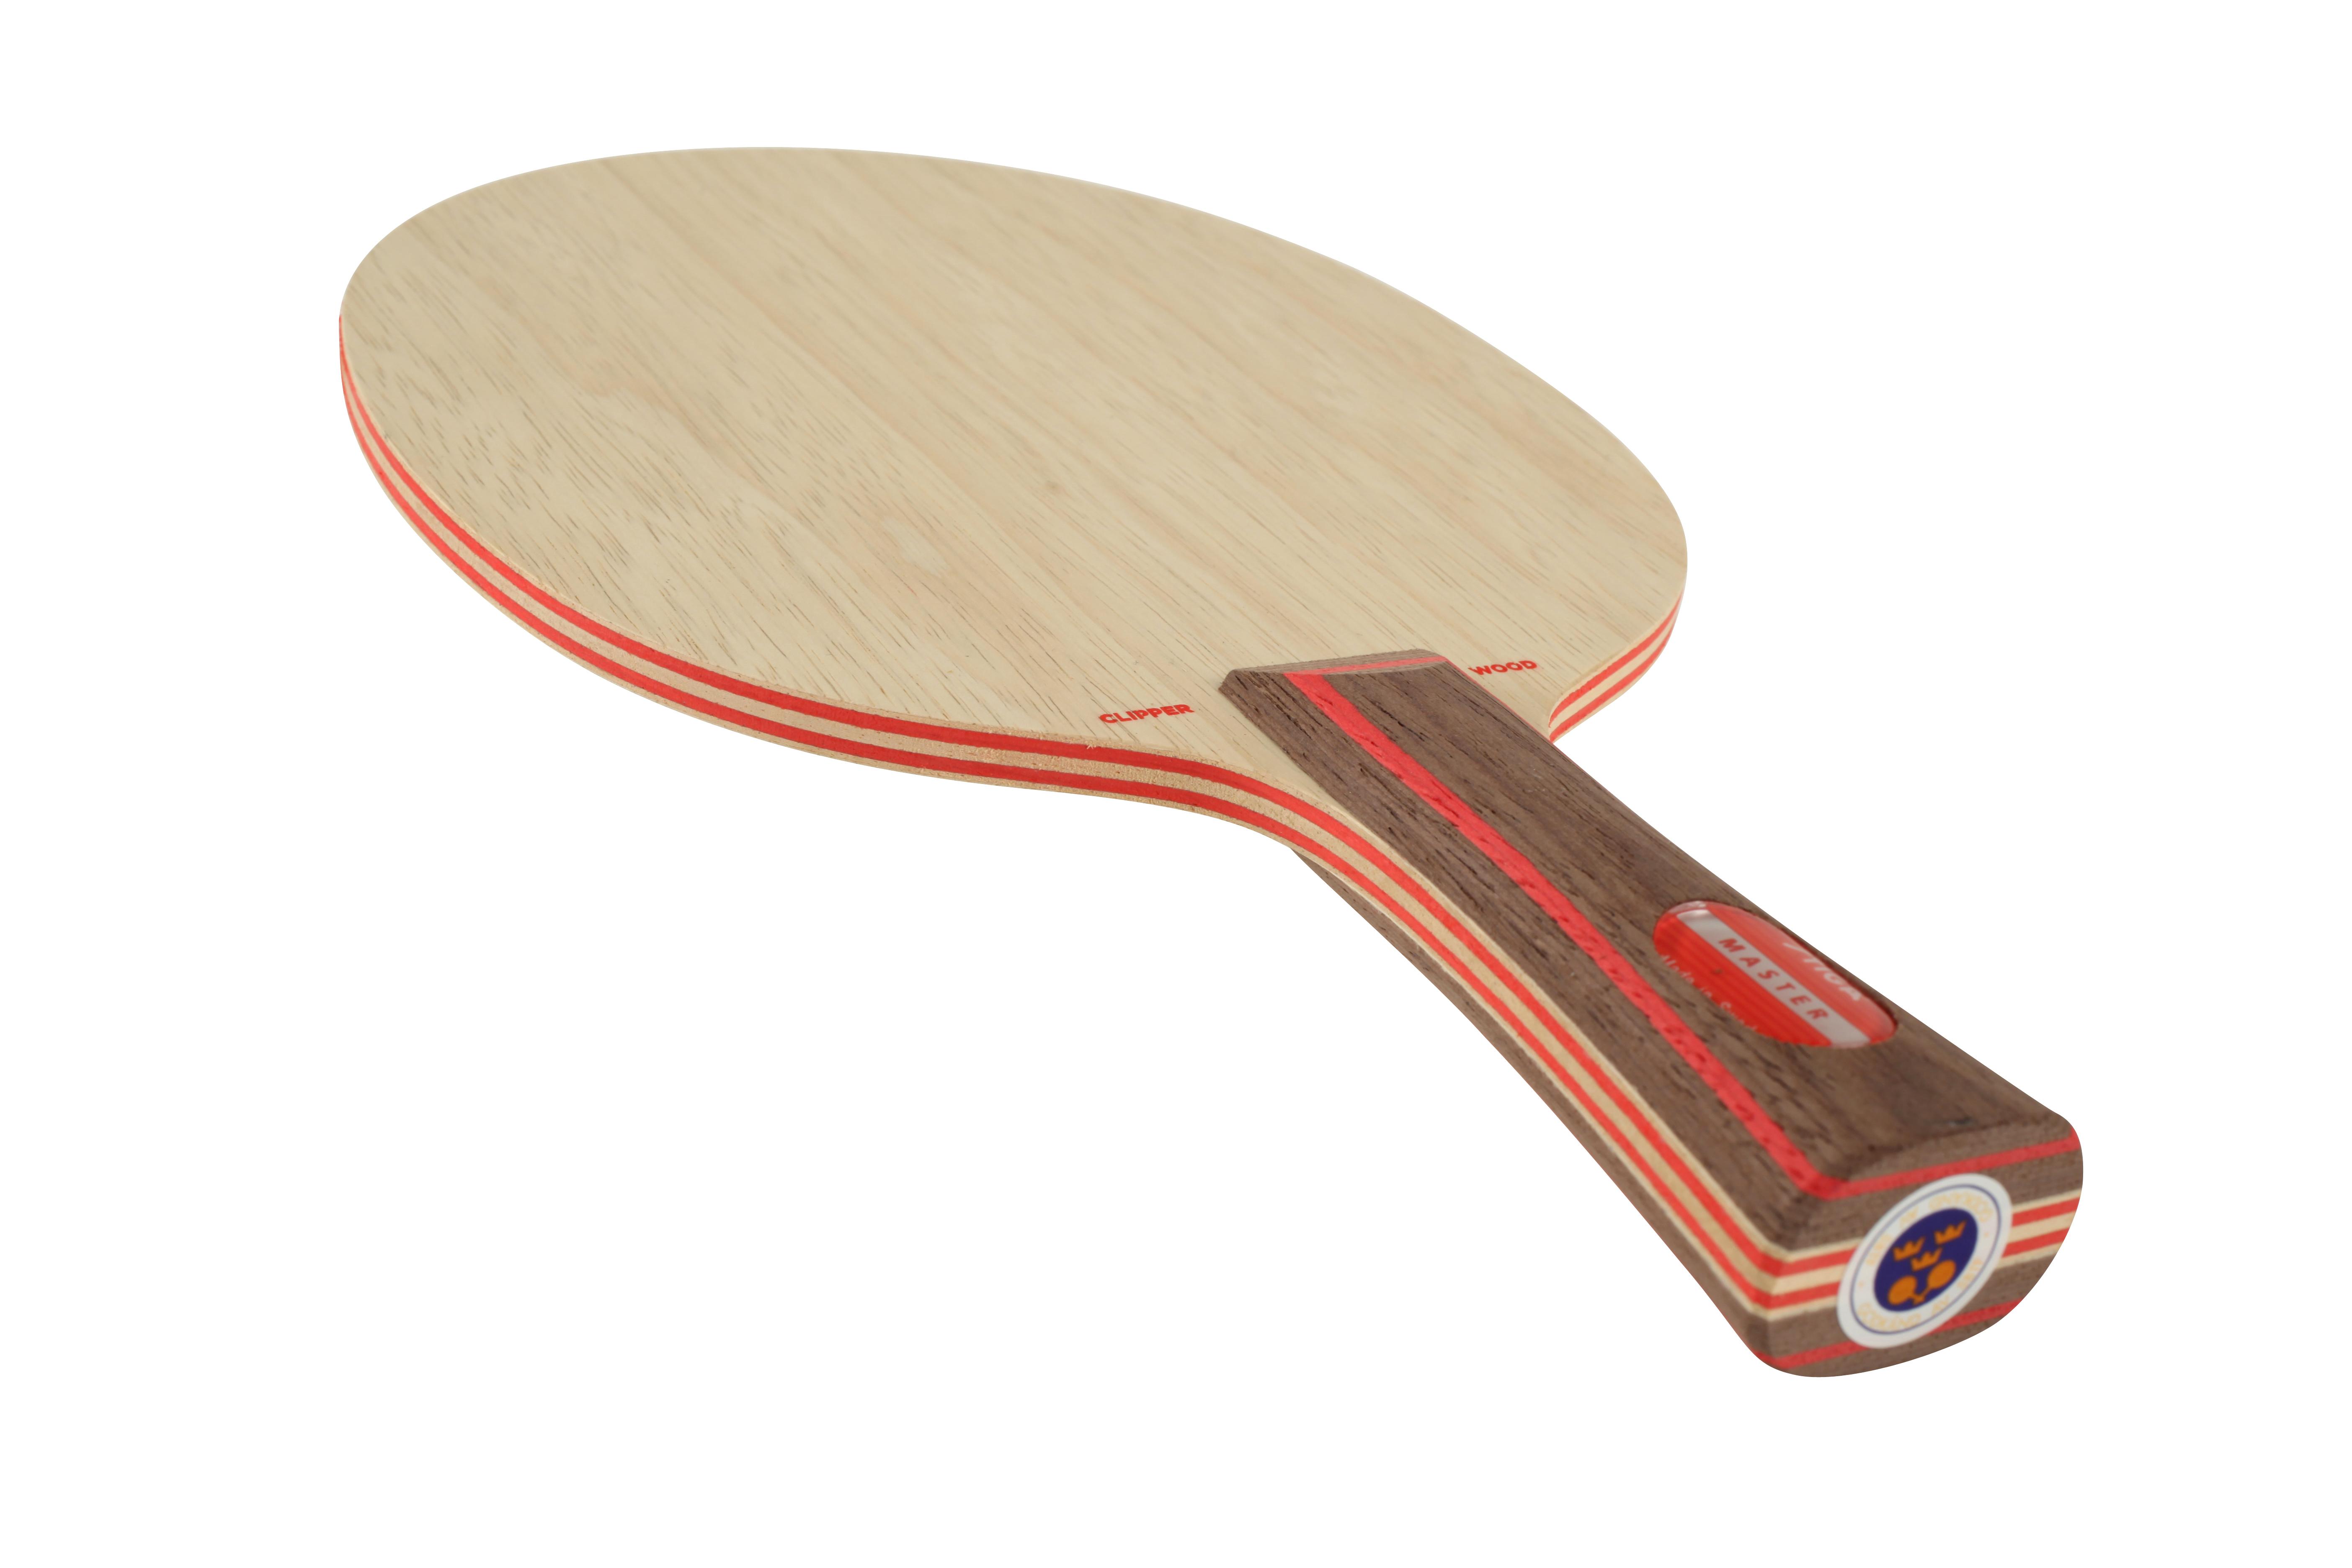 stiga-clipper-wood-tischtennis-holz